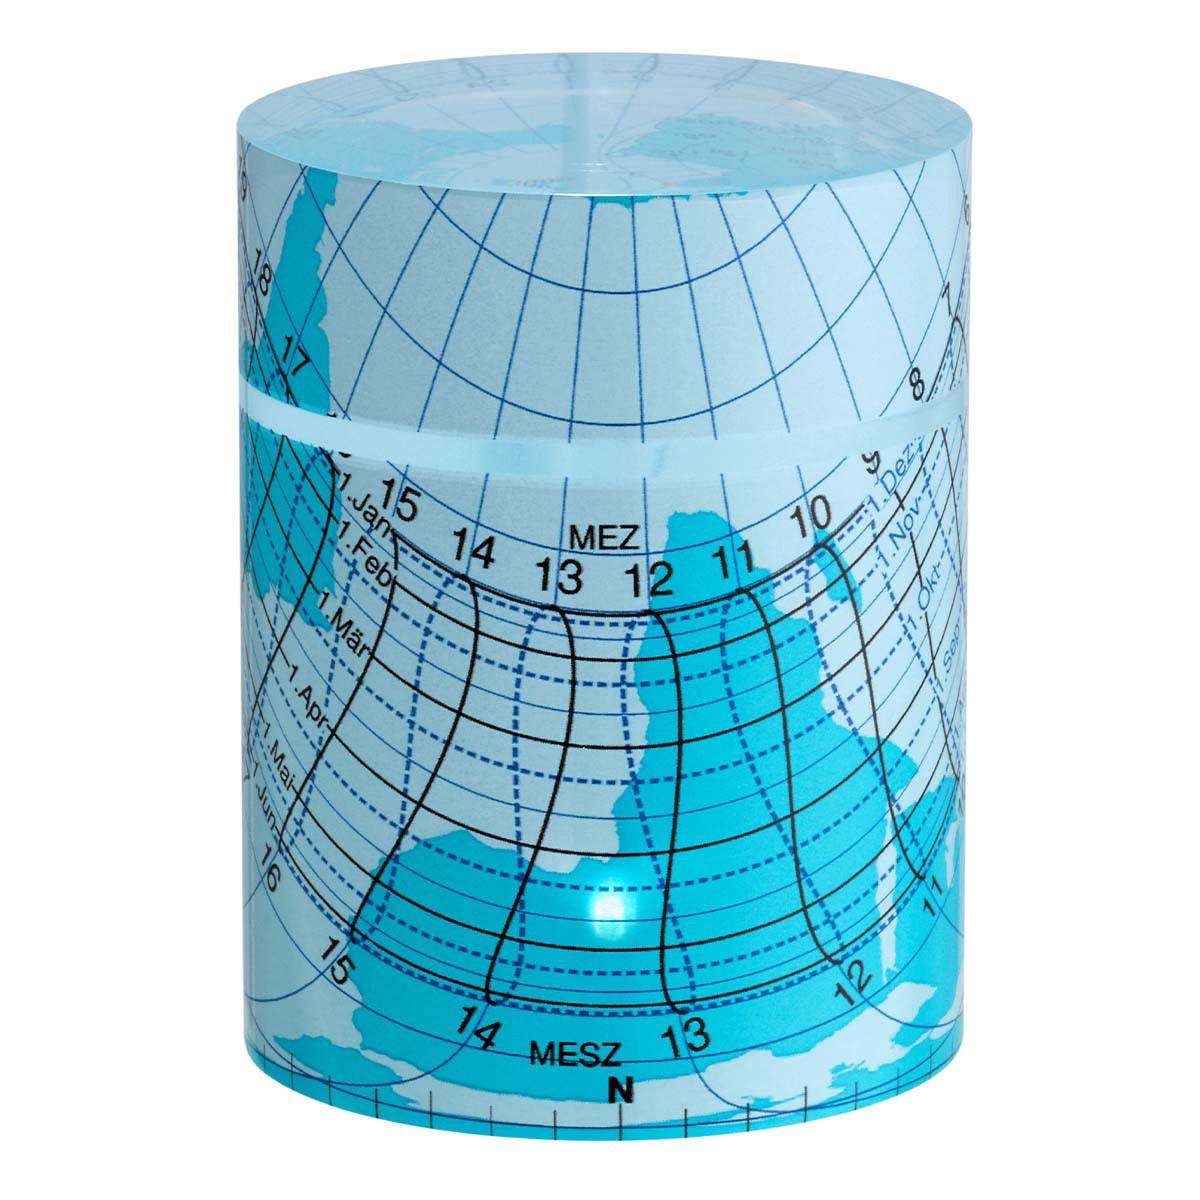 43-4000-06-zylinder-sonnenuhr-solemio-1200x1200px.jpg